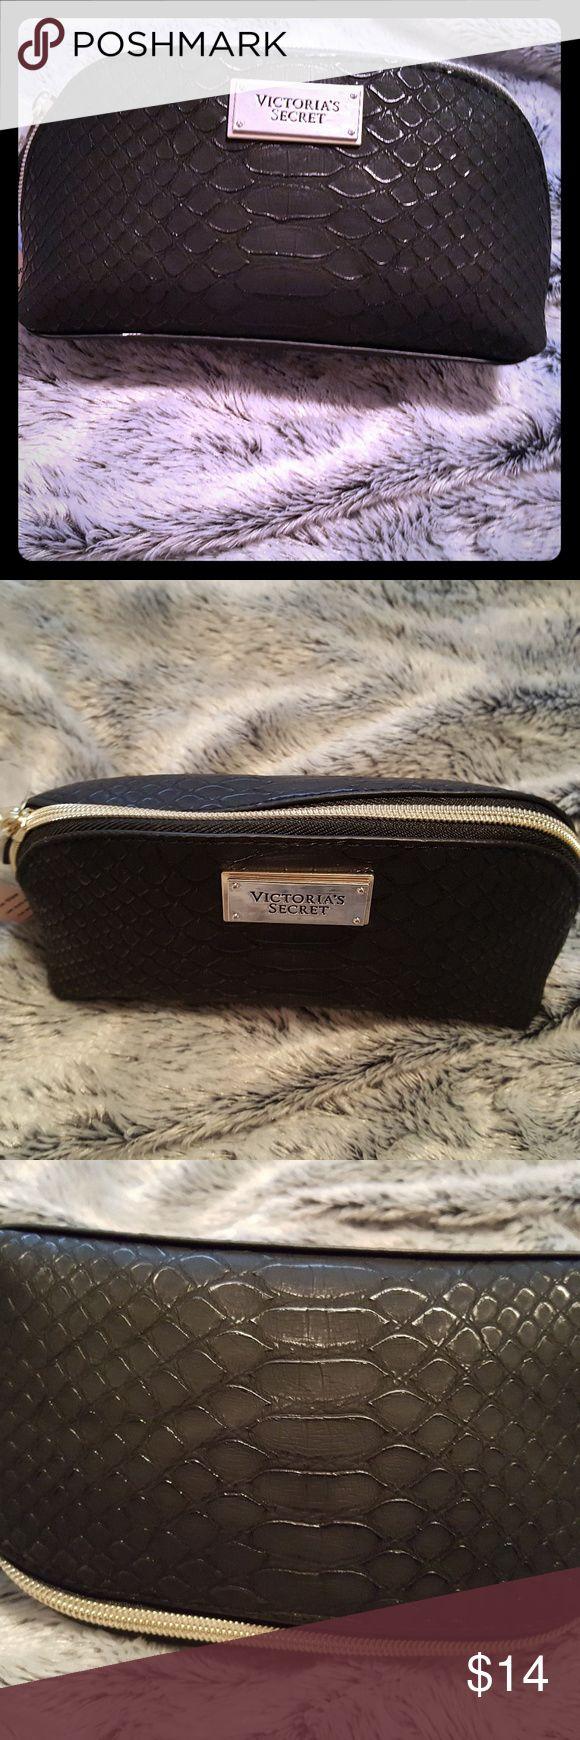 Victoria Secret small cosmetic case!!! Small black python pattern cosmetic bag!!! So cute!!! Victoria's Secret Bags Cosmetic Bags & Cases